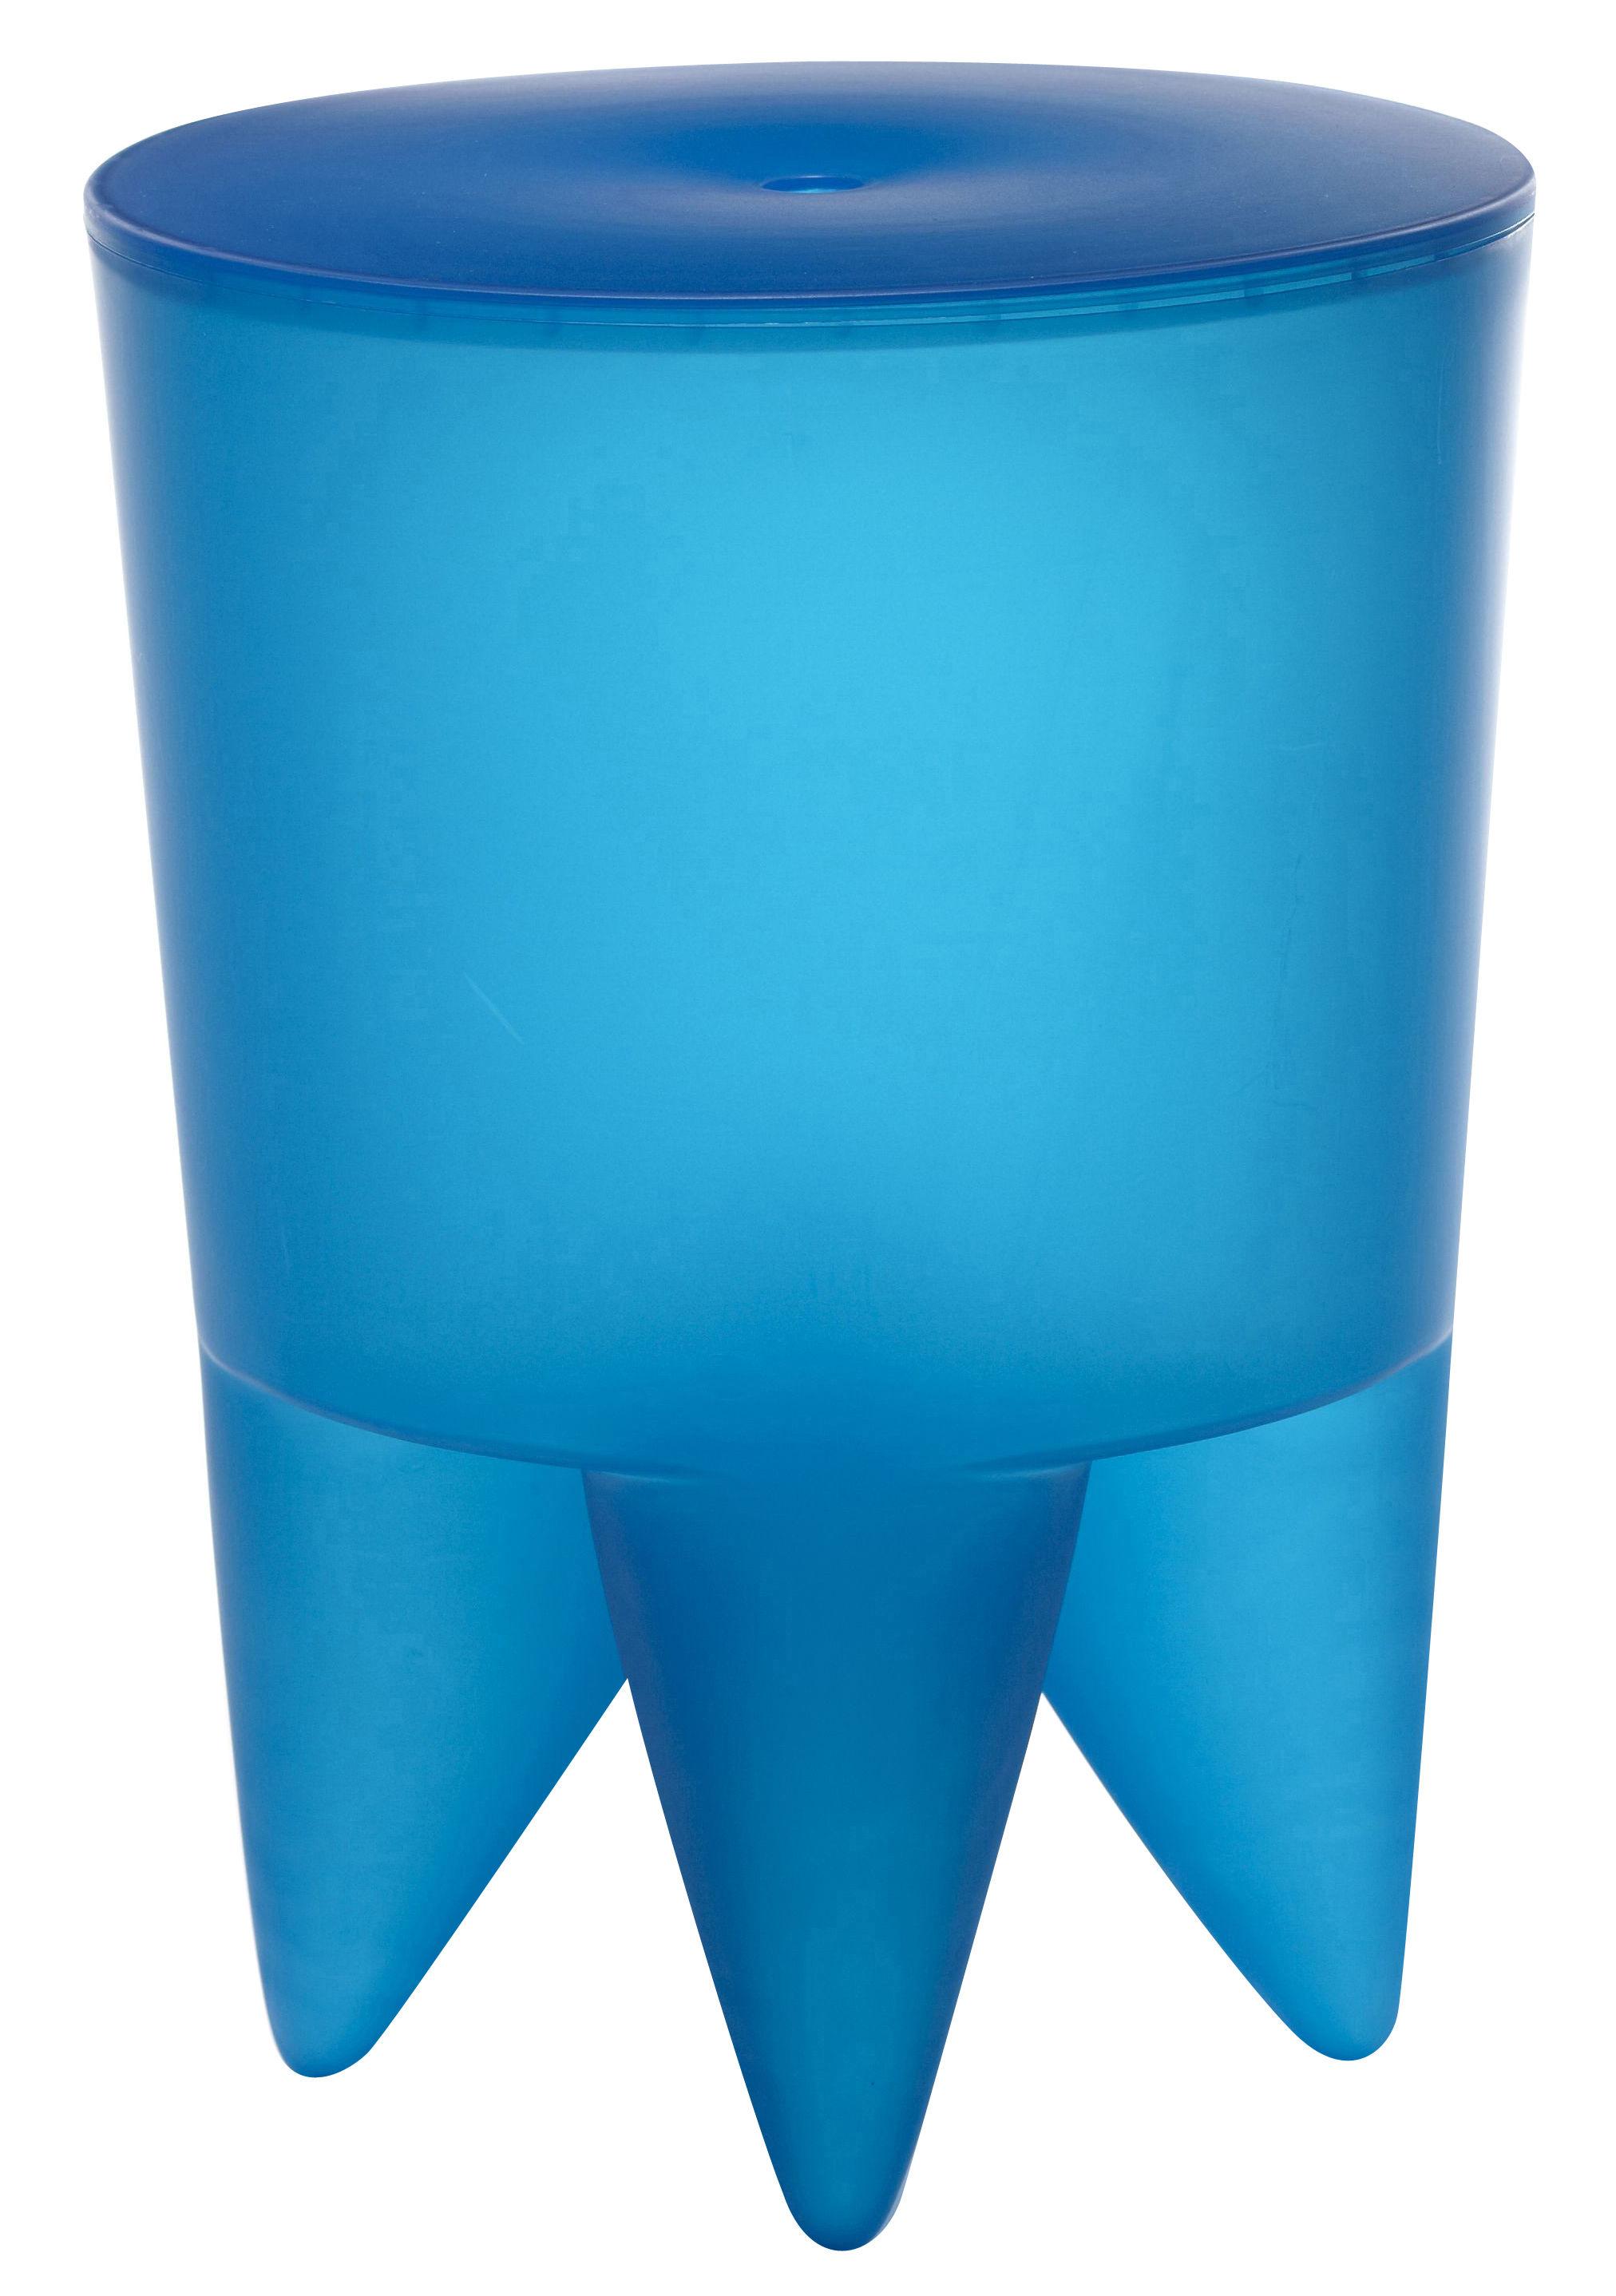 Mobilier - Mobilier Ados - Tabouret New Bubu 1er / Coffre - Plastique - XO - Azure translucide - Polypropylène